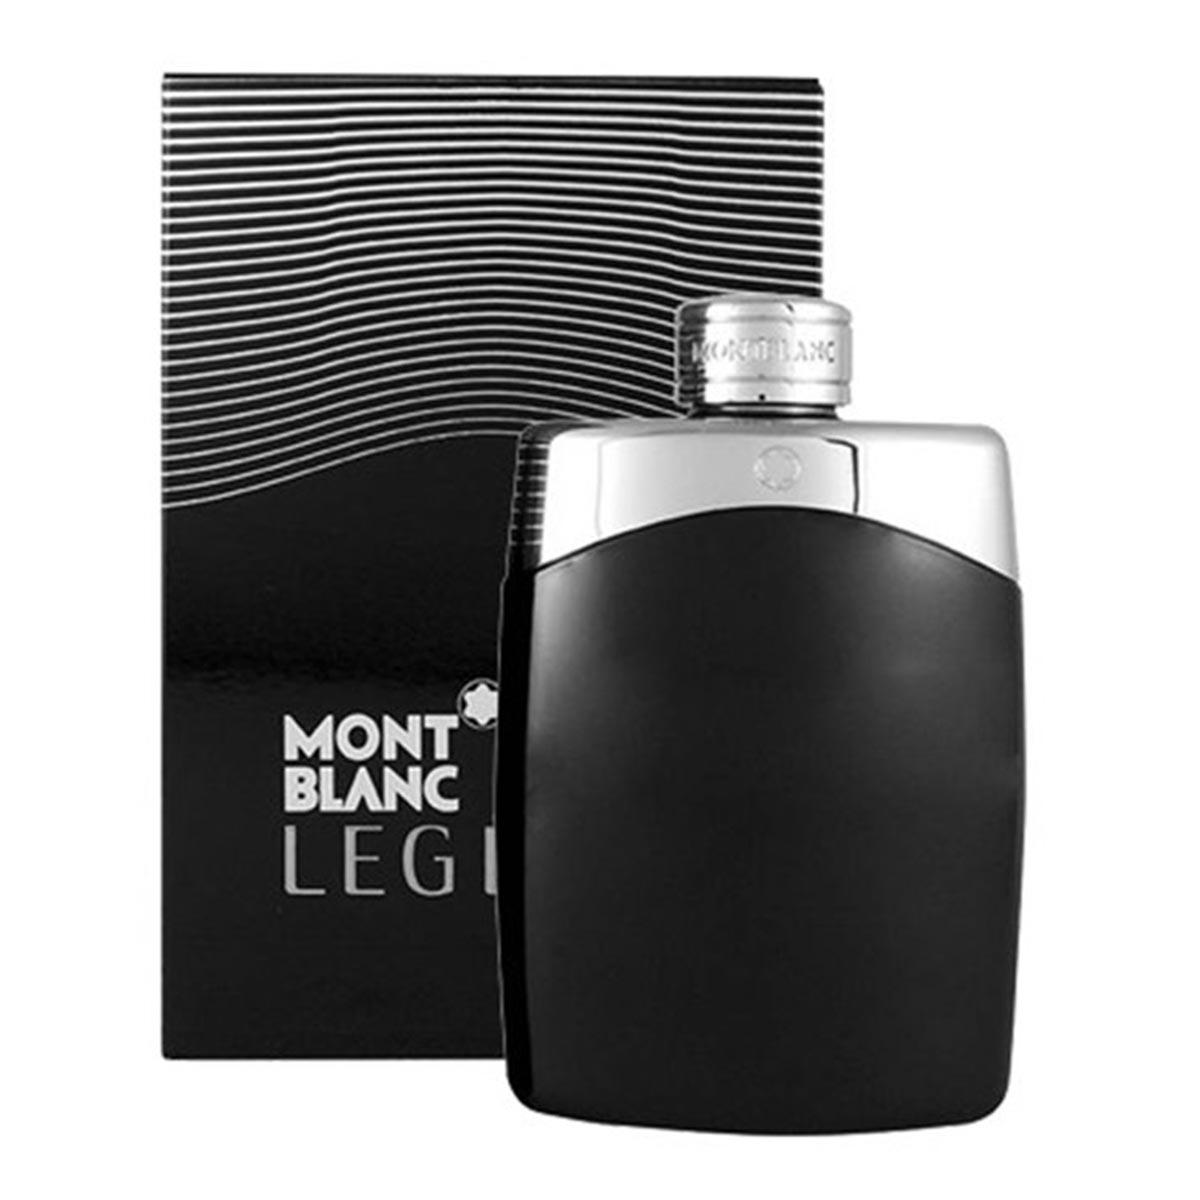 Montblanc legend eau de toilette 200ml vaporizador